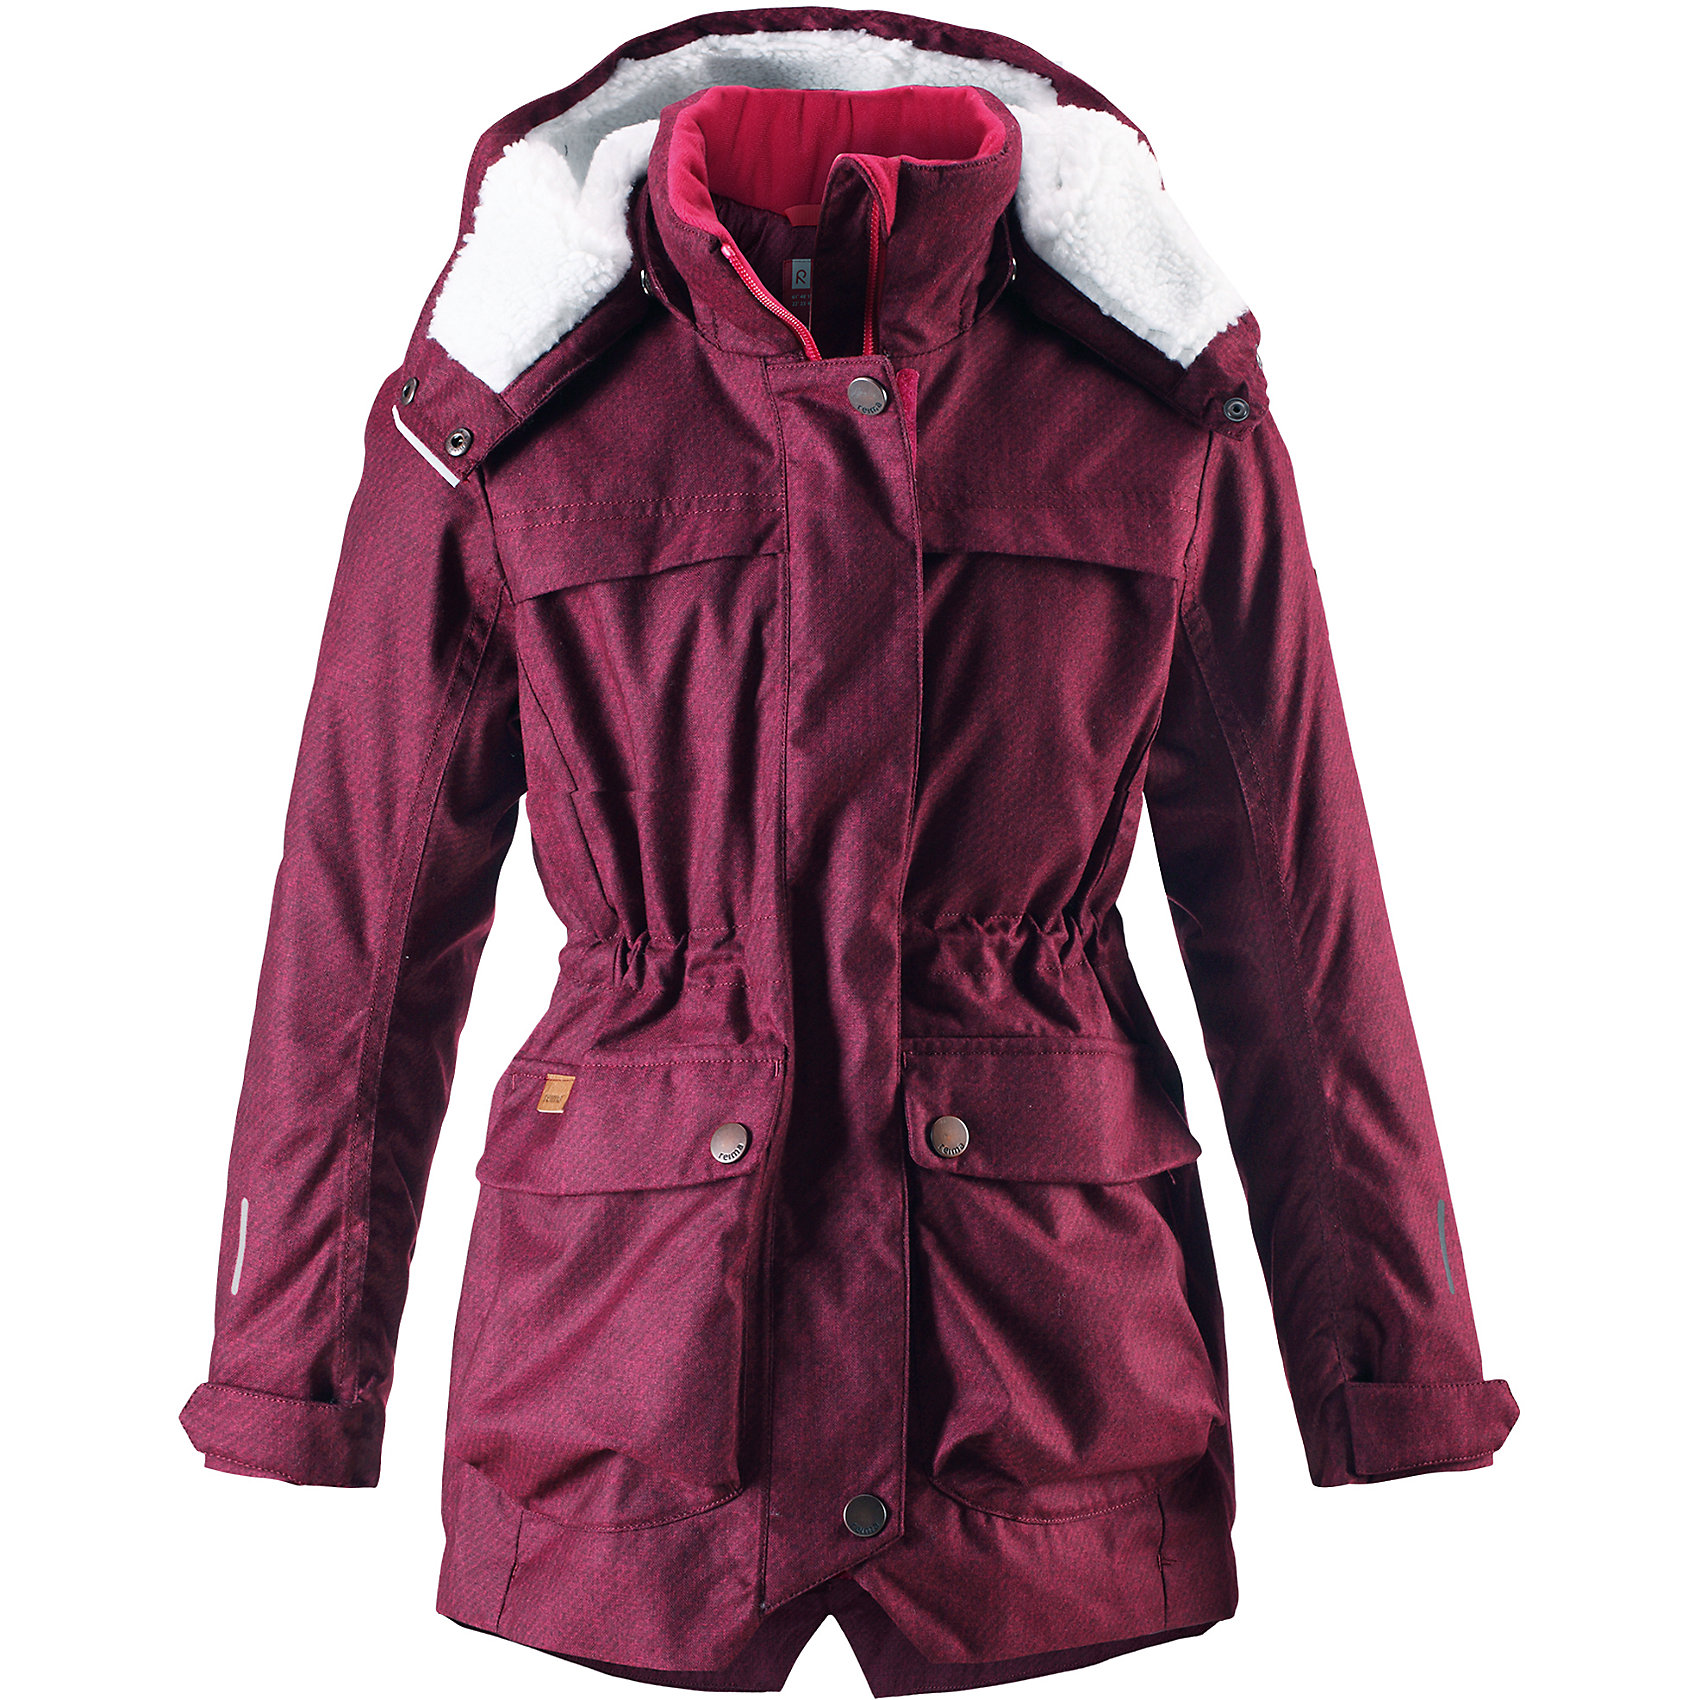 Куртка Pirkko Reima для девочкиОдежда<br>Теплая, водо- и ветронепроницаемая зимняя куртка Reimatec® для детей и подростков. Материал куртки не только водонепроницаемый, ветронепроницаемый и при этом дышащий, но также имеет водо- и грязеотталкивающую поверхность. Все основные швы проклеены, водонепроницаемы. Верхняя часть куртки и капюшон подбиты теплой стеганой подкладкой. <br><br>Куртка снабжена съемным капюшоном, что обеспечивает дополнительную безопасность во время активных прогулок – капюшон легко отстегивается, если случайно за что-нибудь зацепится. Образ довершают практичные детали: завязки на талии, два больших кармана с клапанами, длинная молния высокого качества и светоотражающие элементы.<br>Состав:<br>100% Полиэстер<br><br>Ширина мм: 356<br>Глубина мм: 10<br>Высота мм: 245<br>Вес г: 519<br>Цвет: розовый<br>Возраст от месяцев: 156<br>Возраст до месяцев: 168<br>Пол: Женский<br>Возраст: Детский<br>Размер: 164,116,122,128,134,140,104,146,152,110,158<br>SKU: 6968133